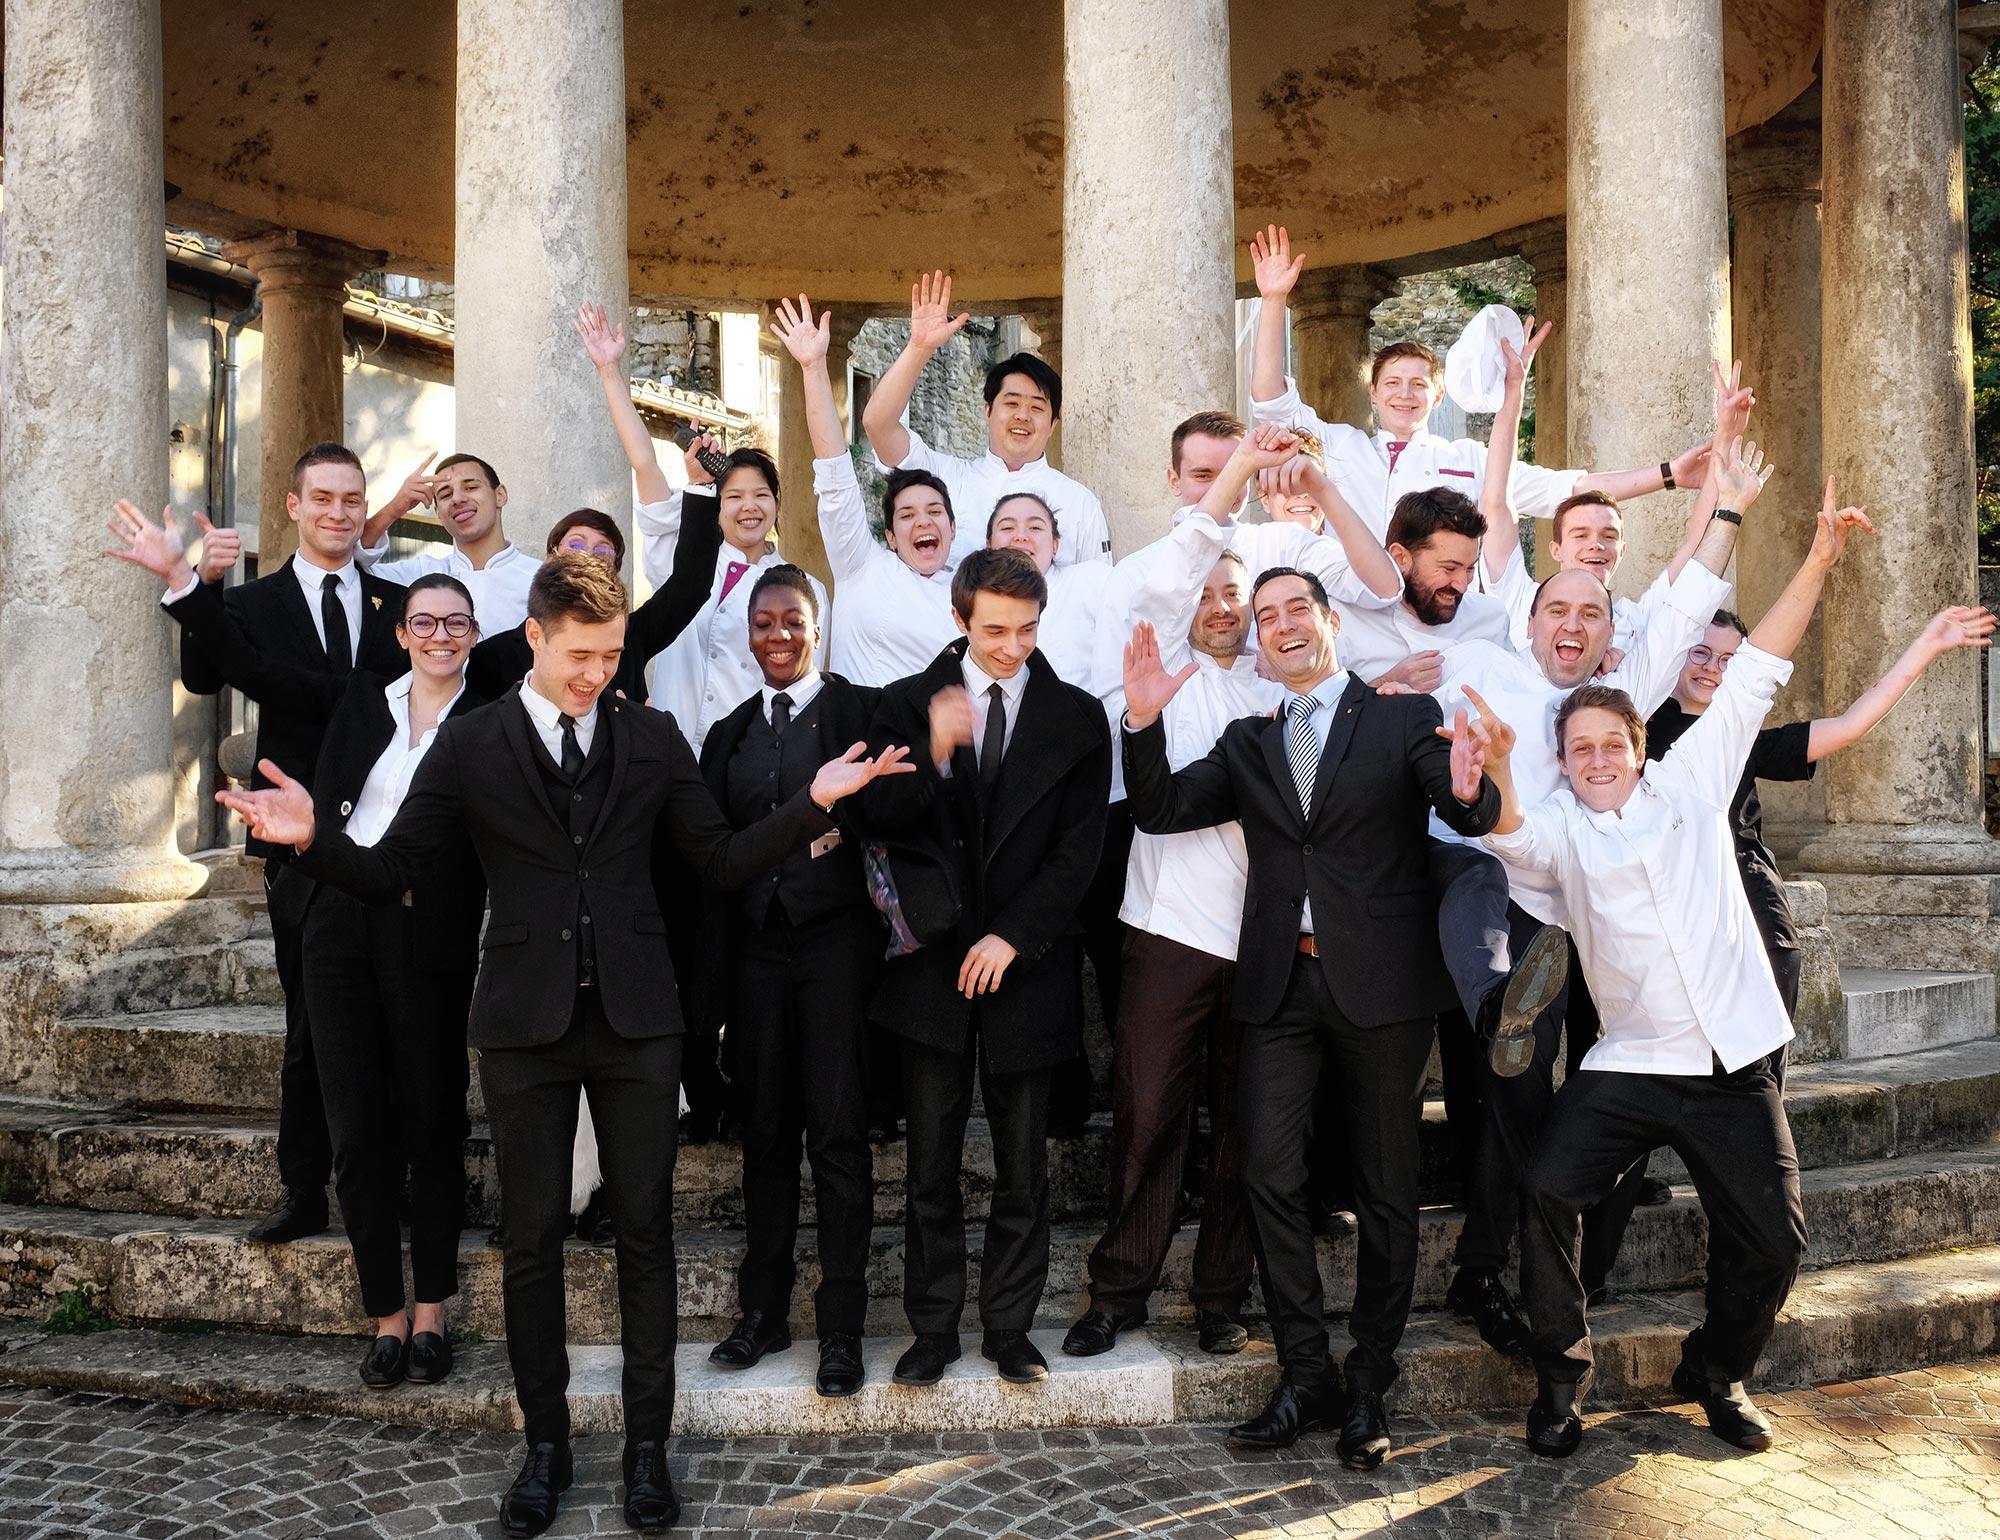 Équipe d'hôtelier et de restaurateurs en costume et veste de cuisine, les bras tendus vers le ciel pour exprimer de la joie